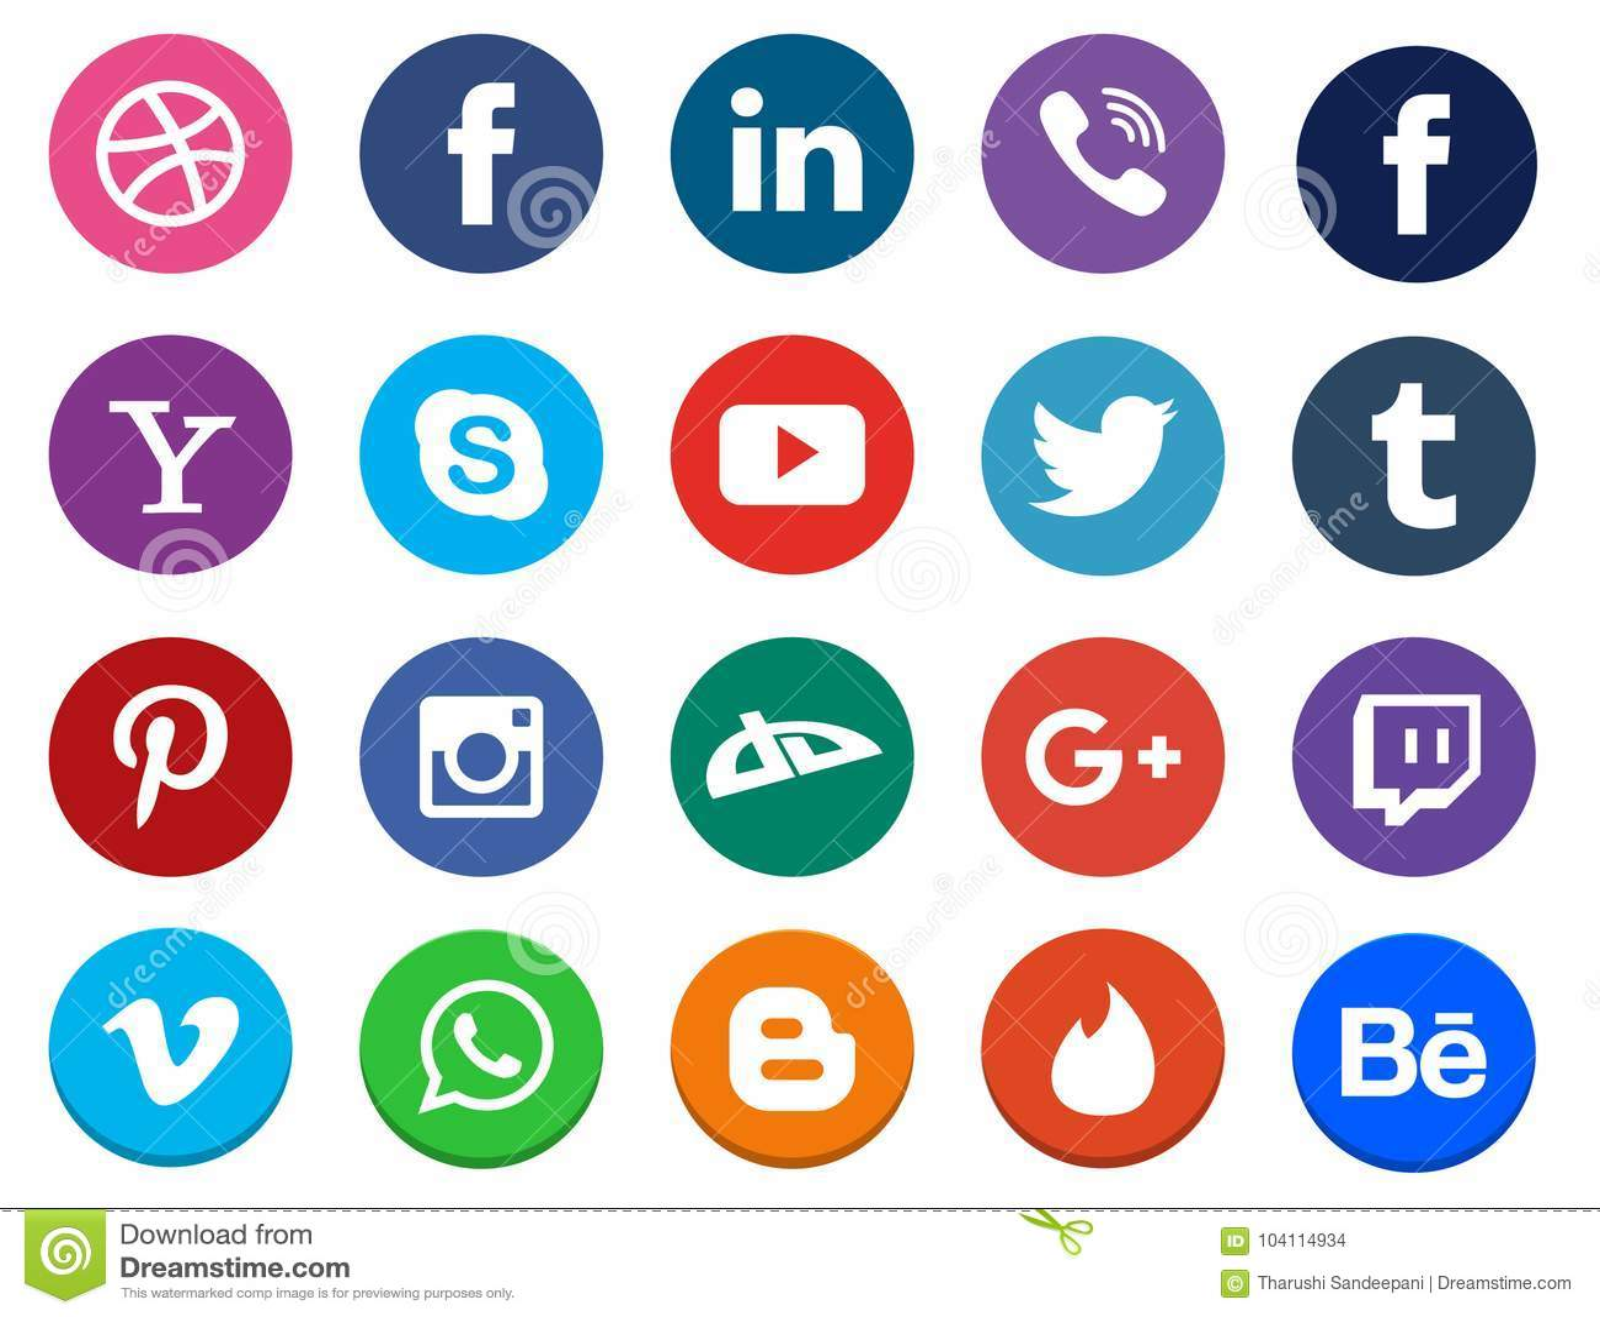 Social media icon collection